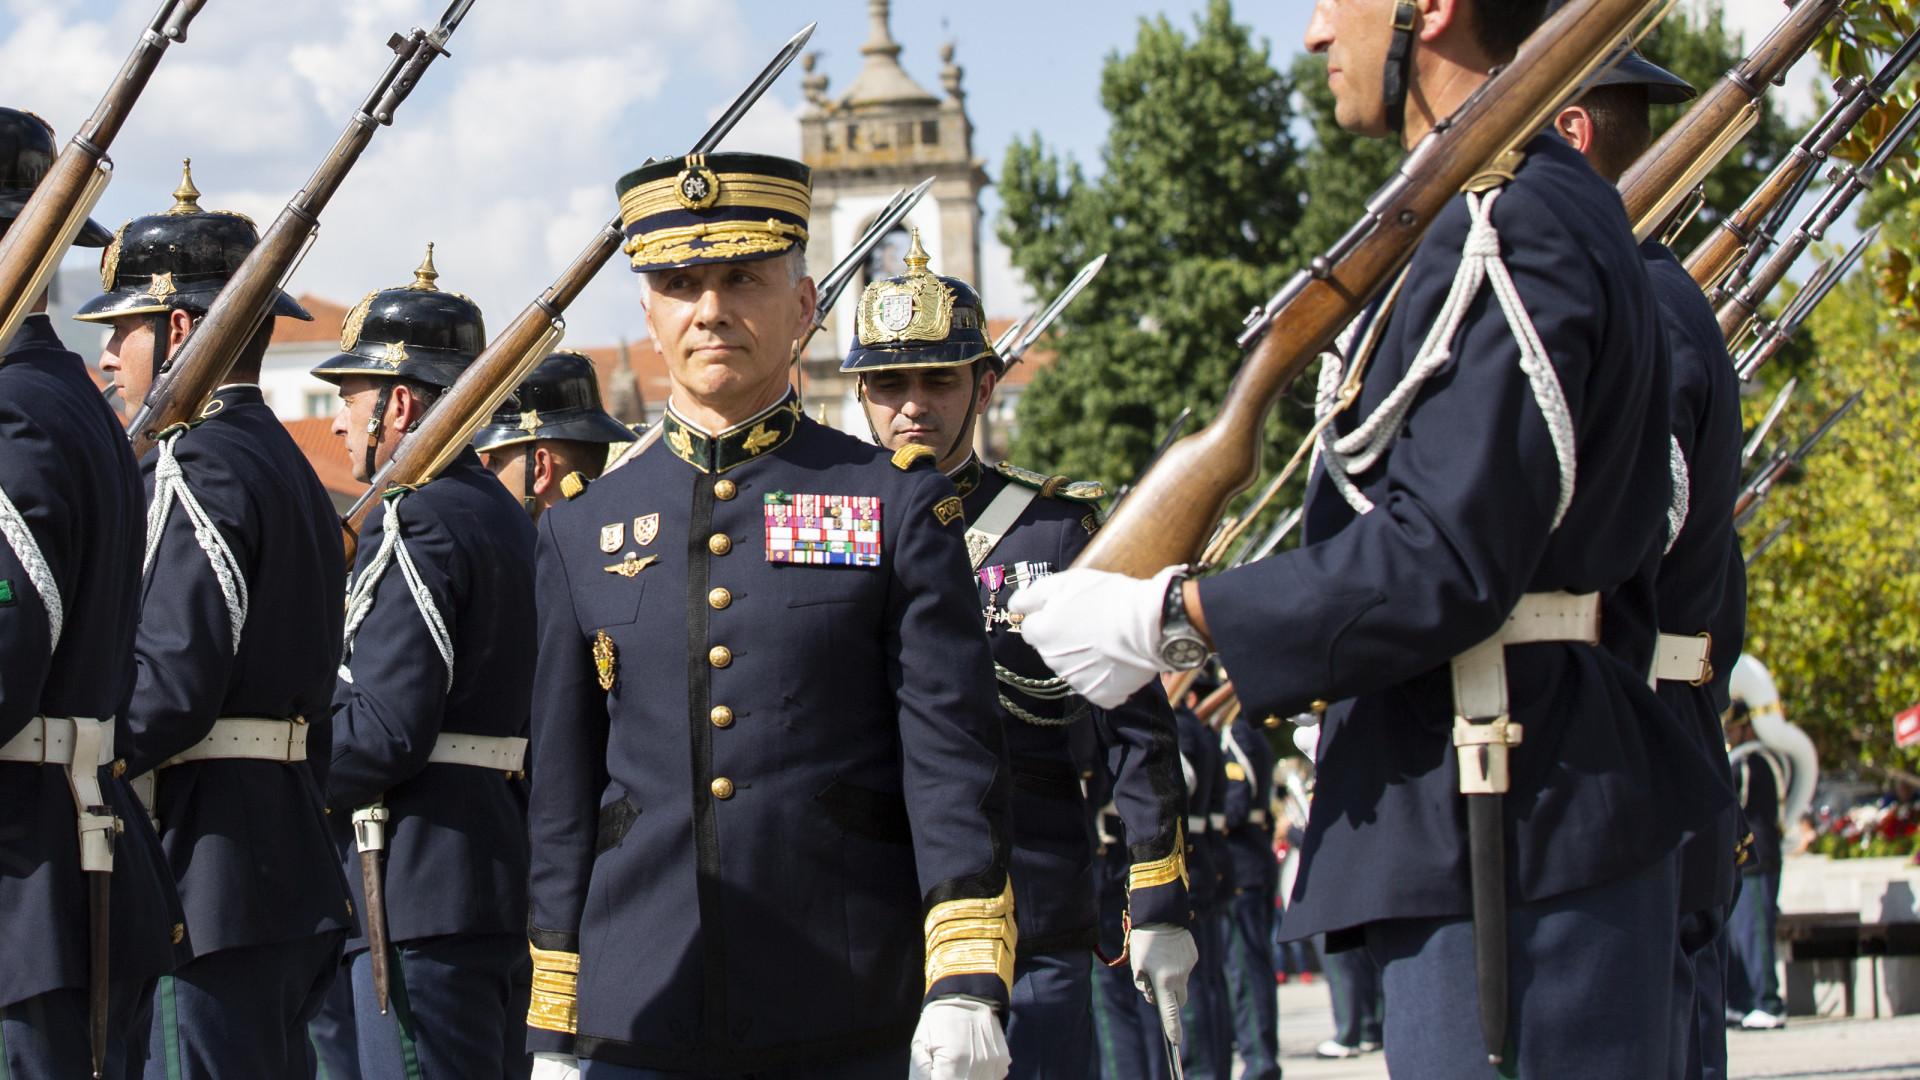 Já há novo Chefe do Estado-Maior do Exército. Tomada de posse é hoje